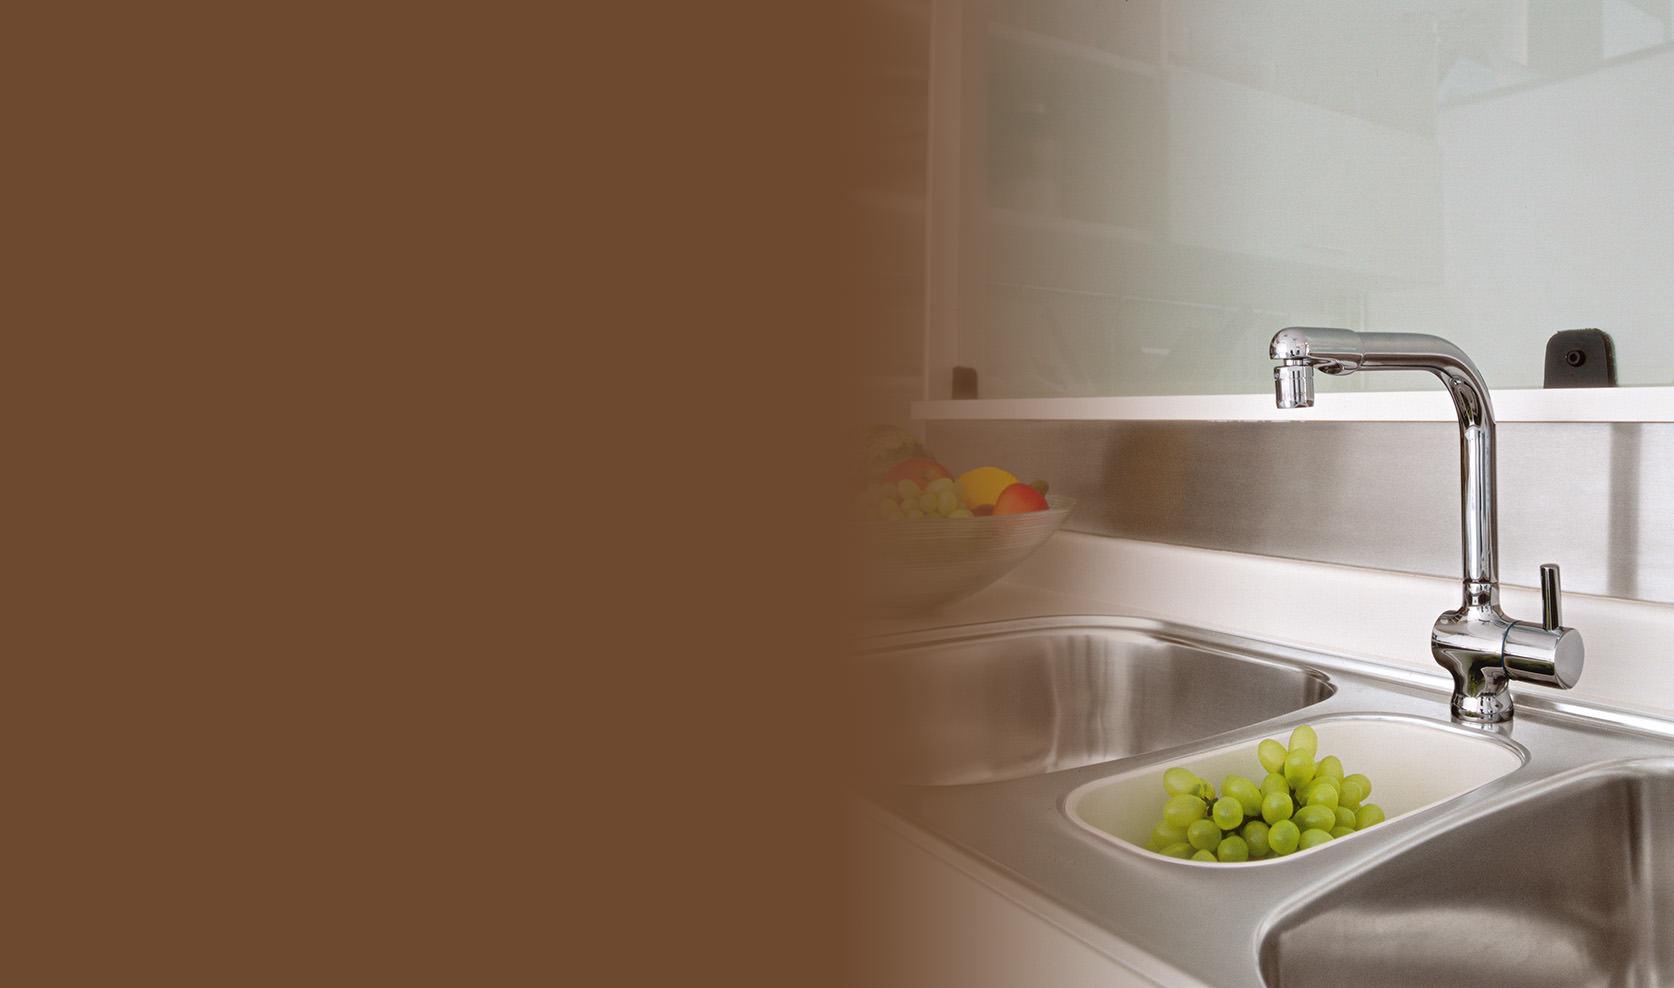 Piatto Fabrimar #949B30 1674x988 Acabamento Banheiro Fabrimar